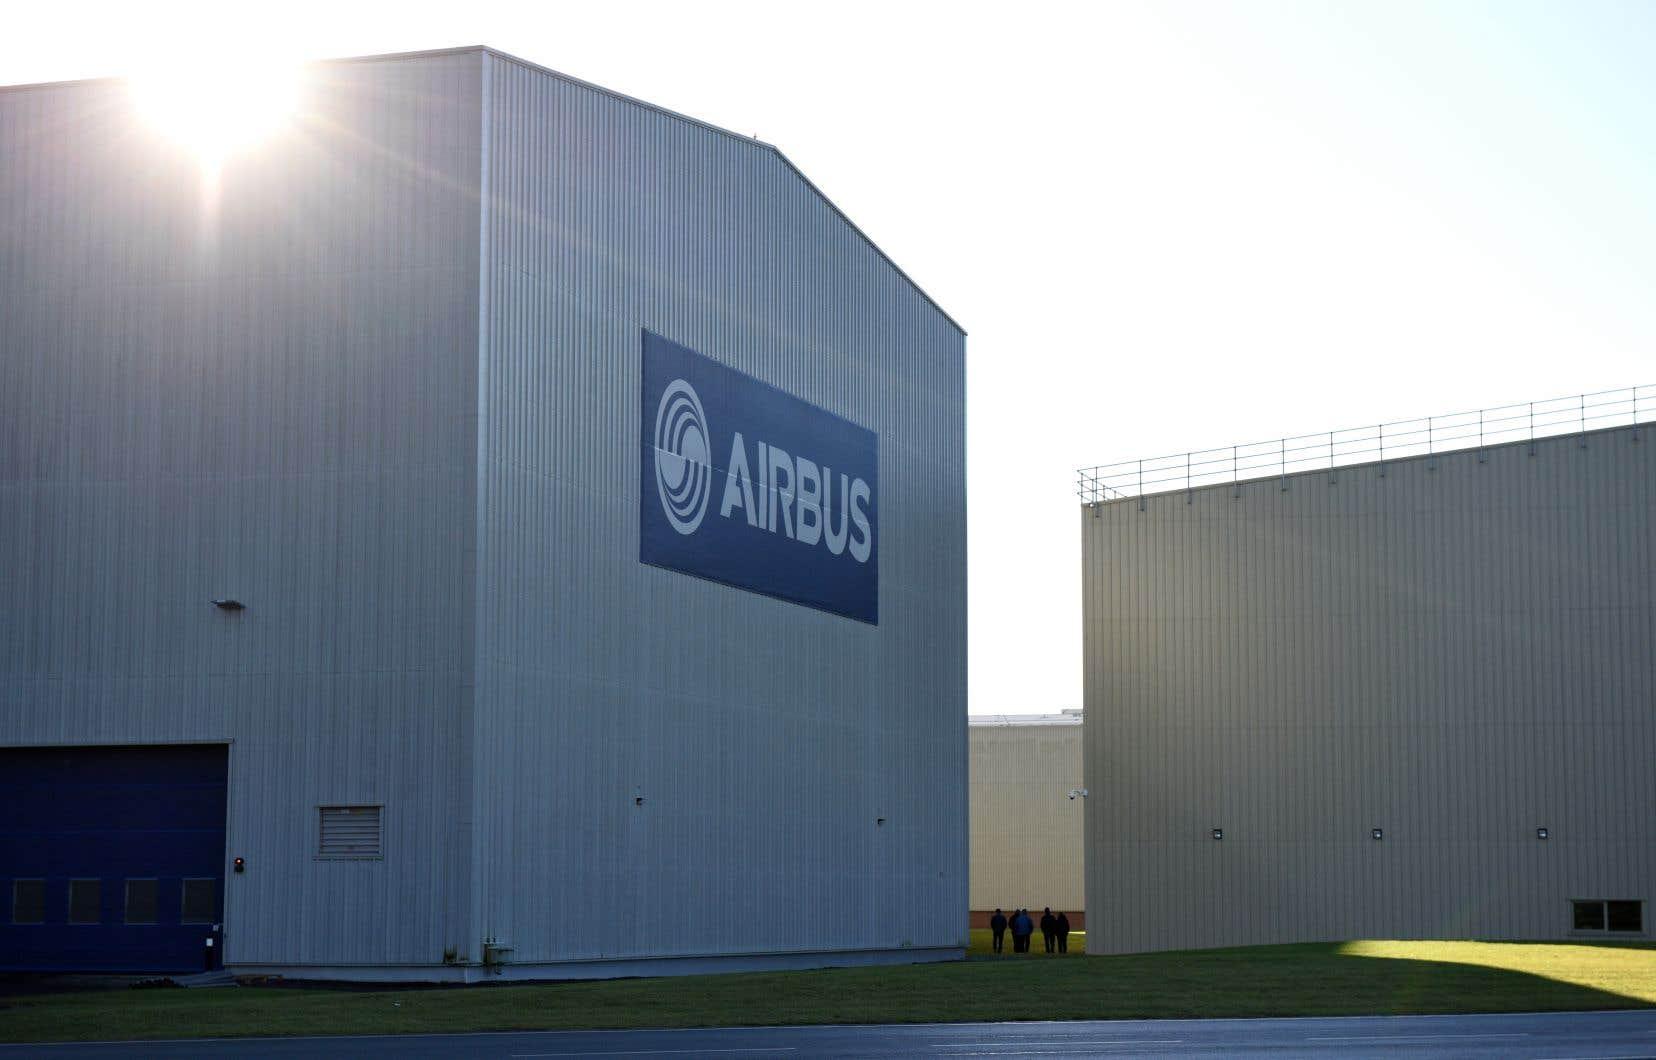 Airbus a été ces derniers mois la cible de plusieurs attaques informatiques lancées en passant par des sous-traitants du constructeur.